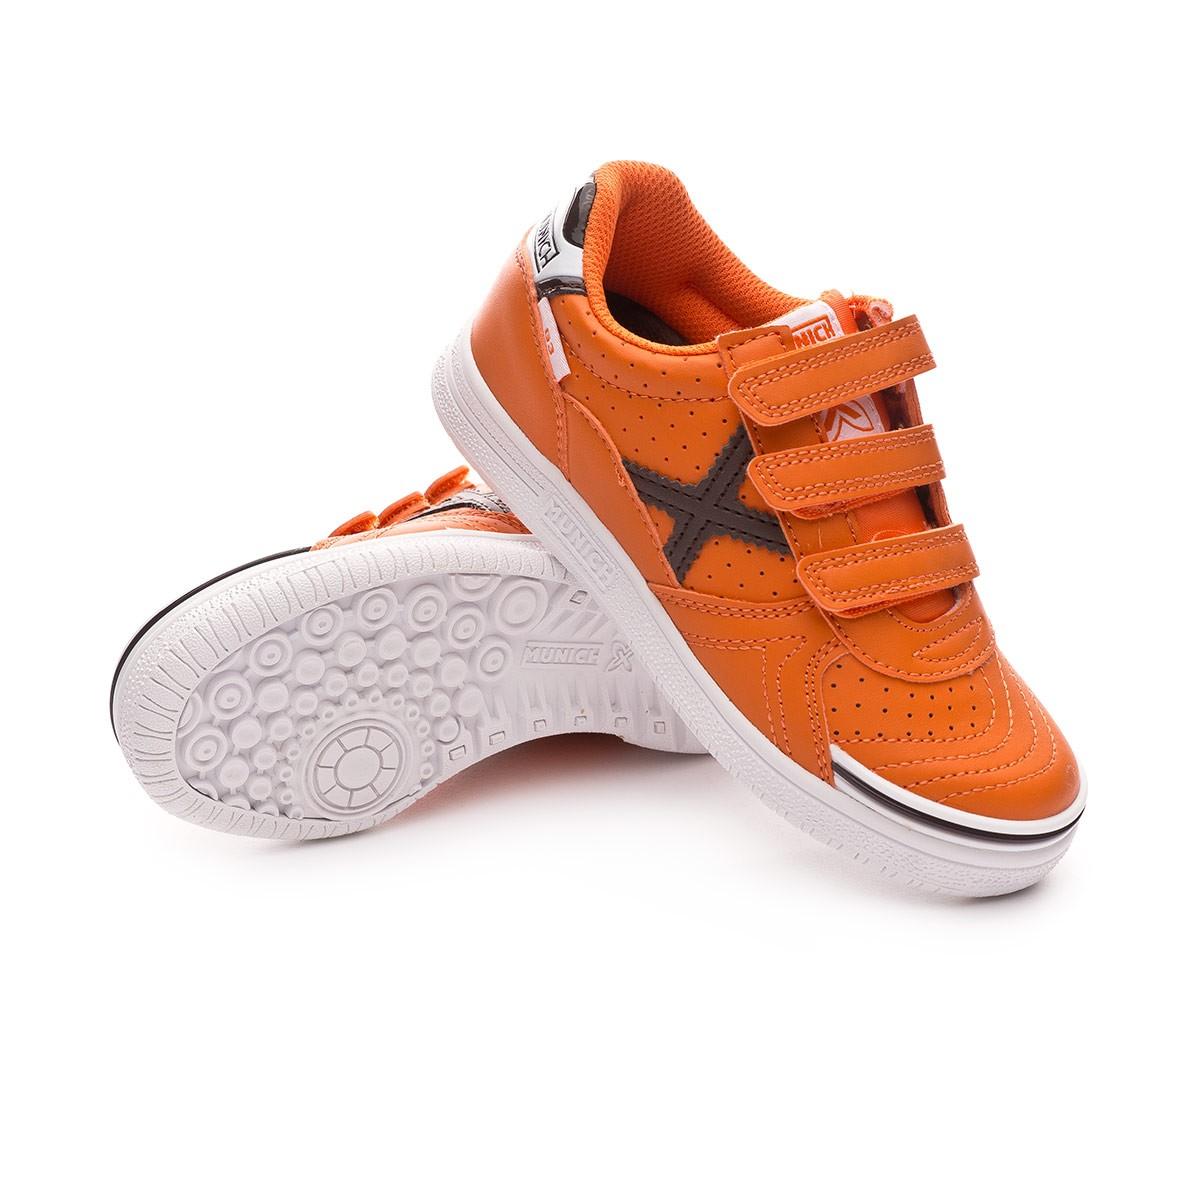 62dcae65fee Futsal Boot Munich Kids G3 Profit Velcro Orange - Tienda de fútbol ...